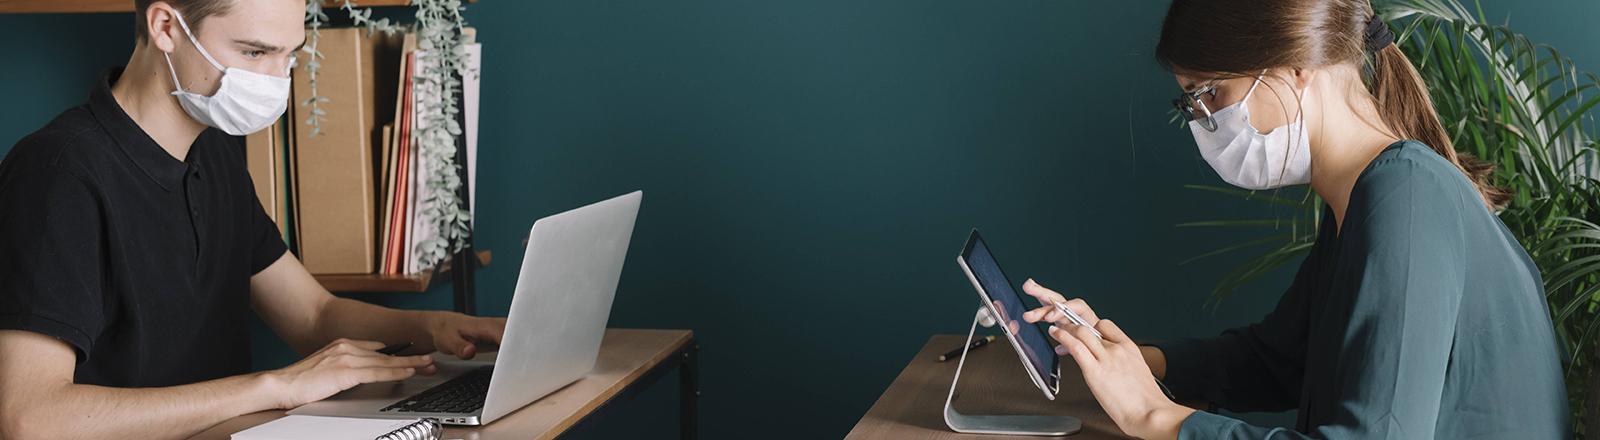 Zwei Menschen arbeiten an ihren Laptops und sitzen sich gegenüber, dabei tragen sie Masken.